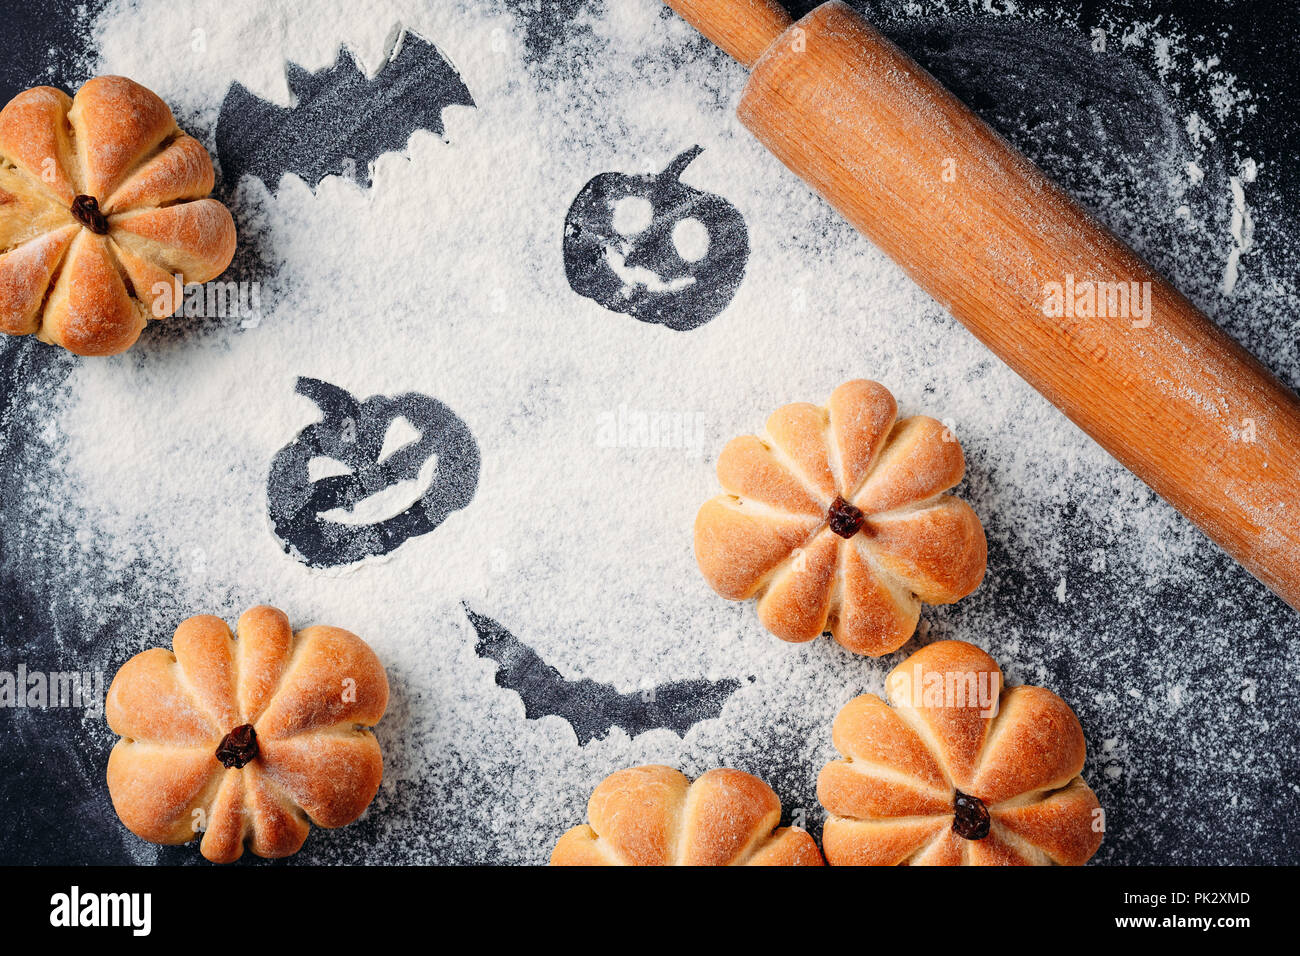 Hausgemachte Kuchen In Form Von Kurbis Und Halloween Dekoration Auf